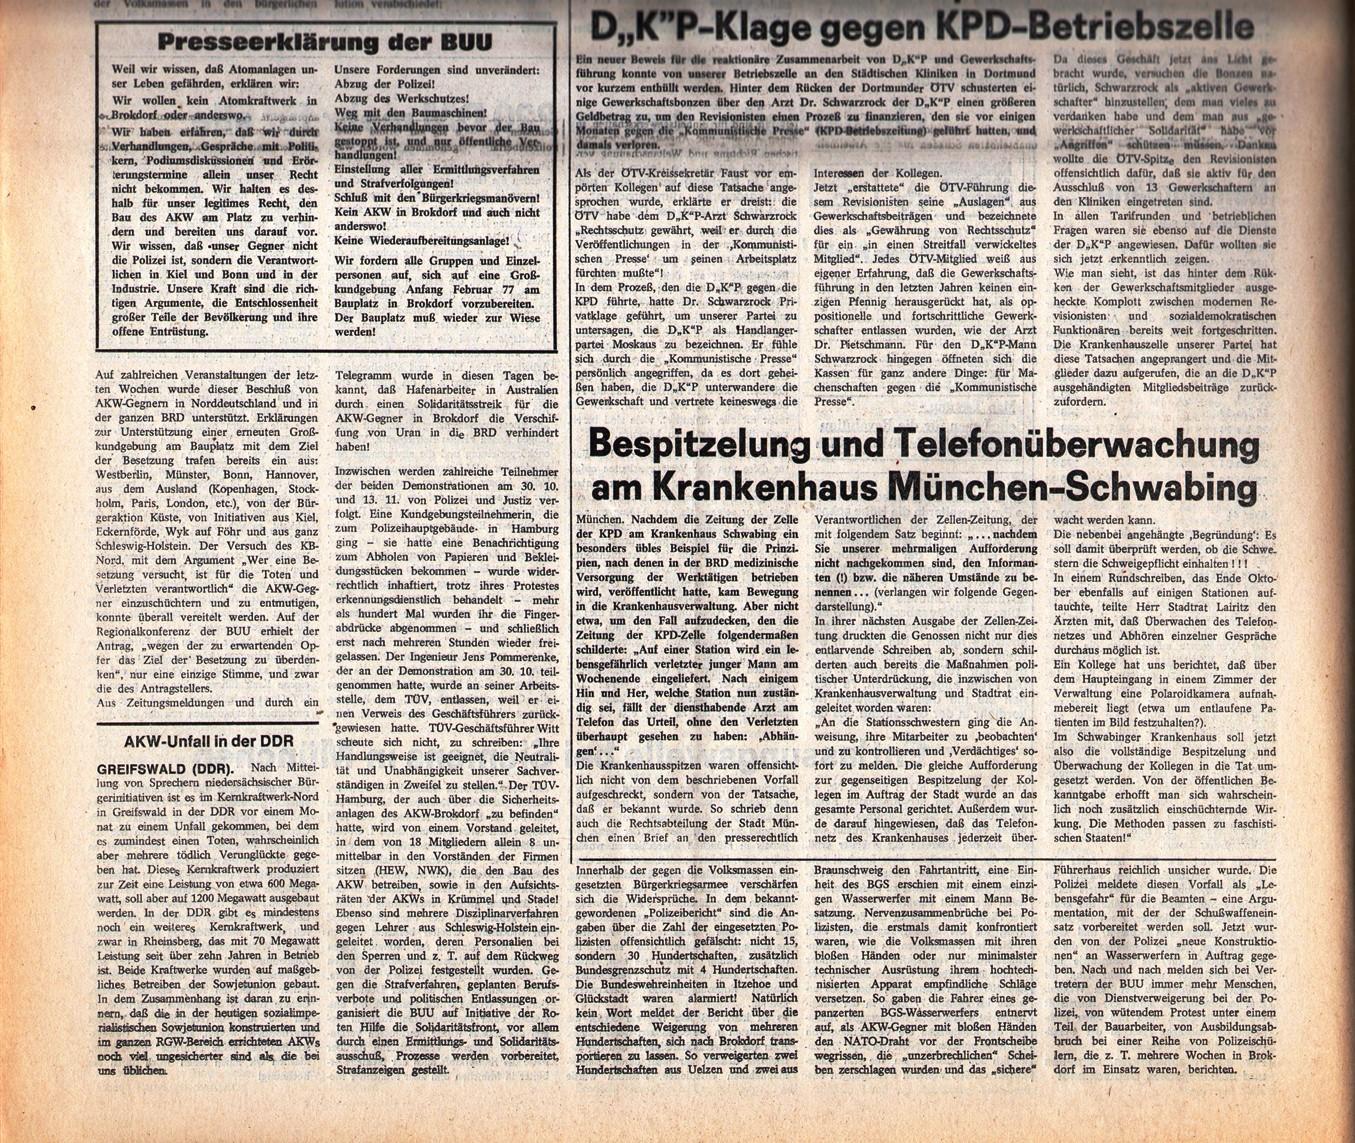 KPD_Rote_Fahne_1976_50_12